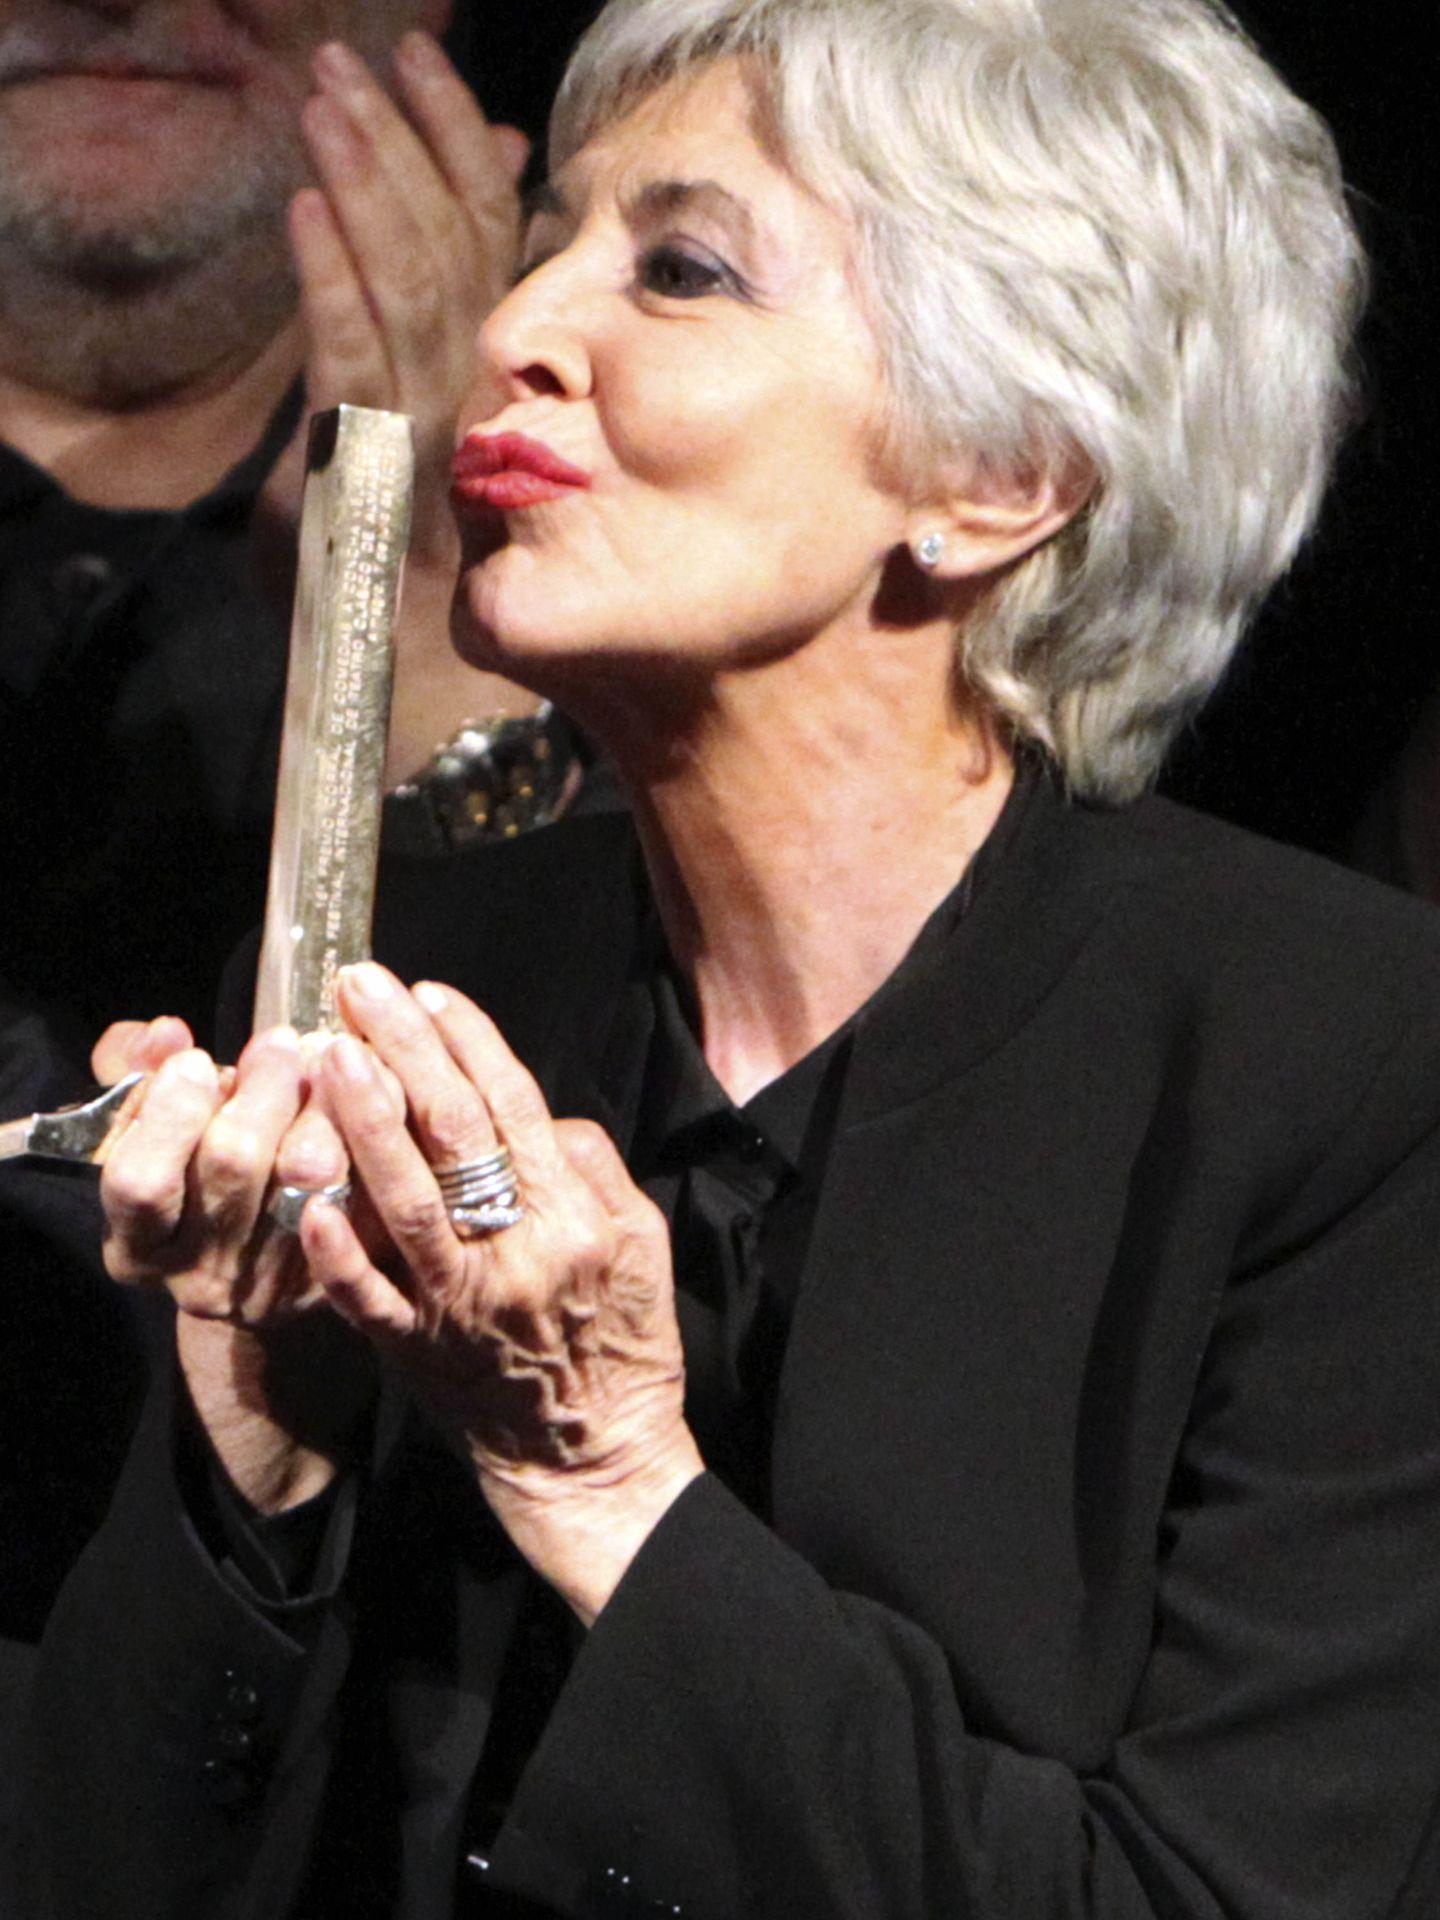 Concha Velasco besa el premio Corral de Comedias (Efe)